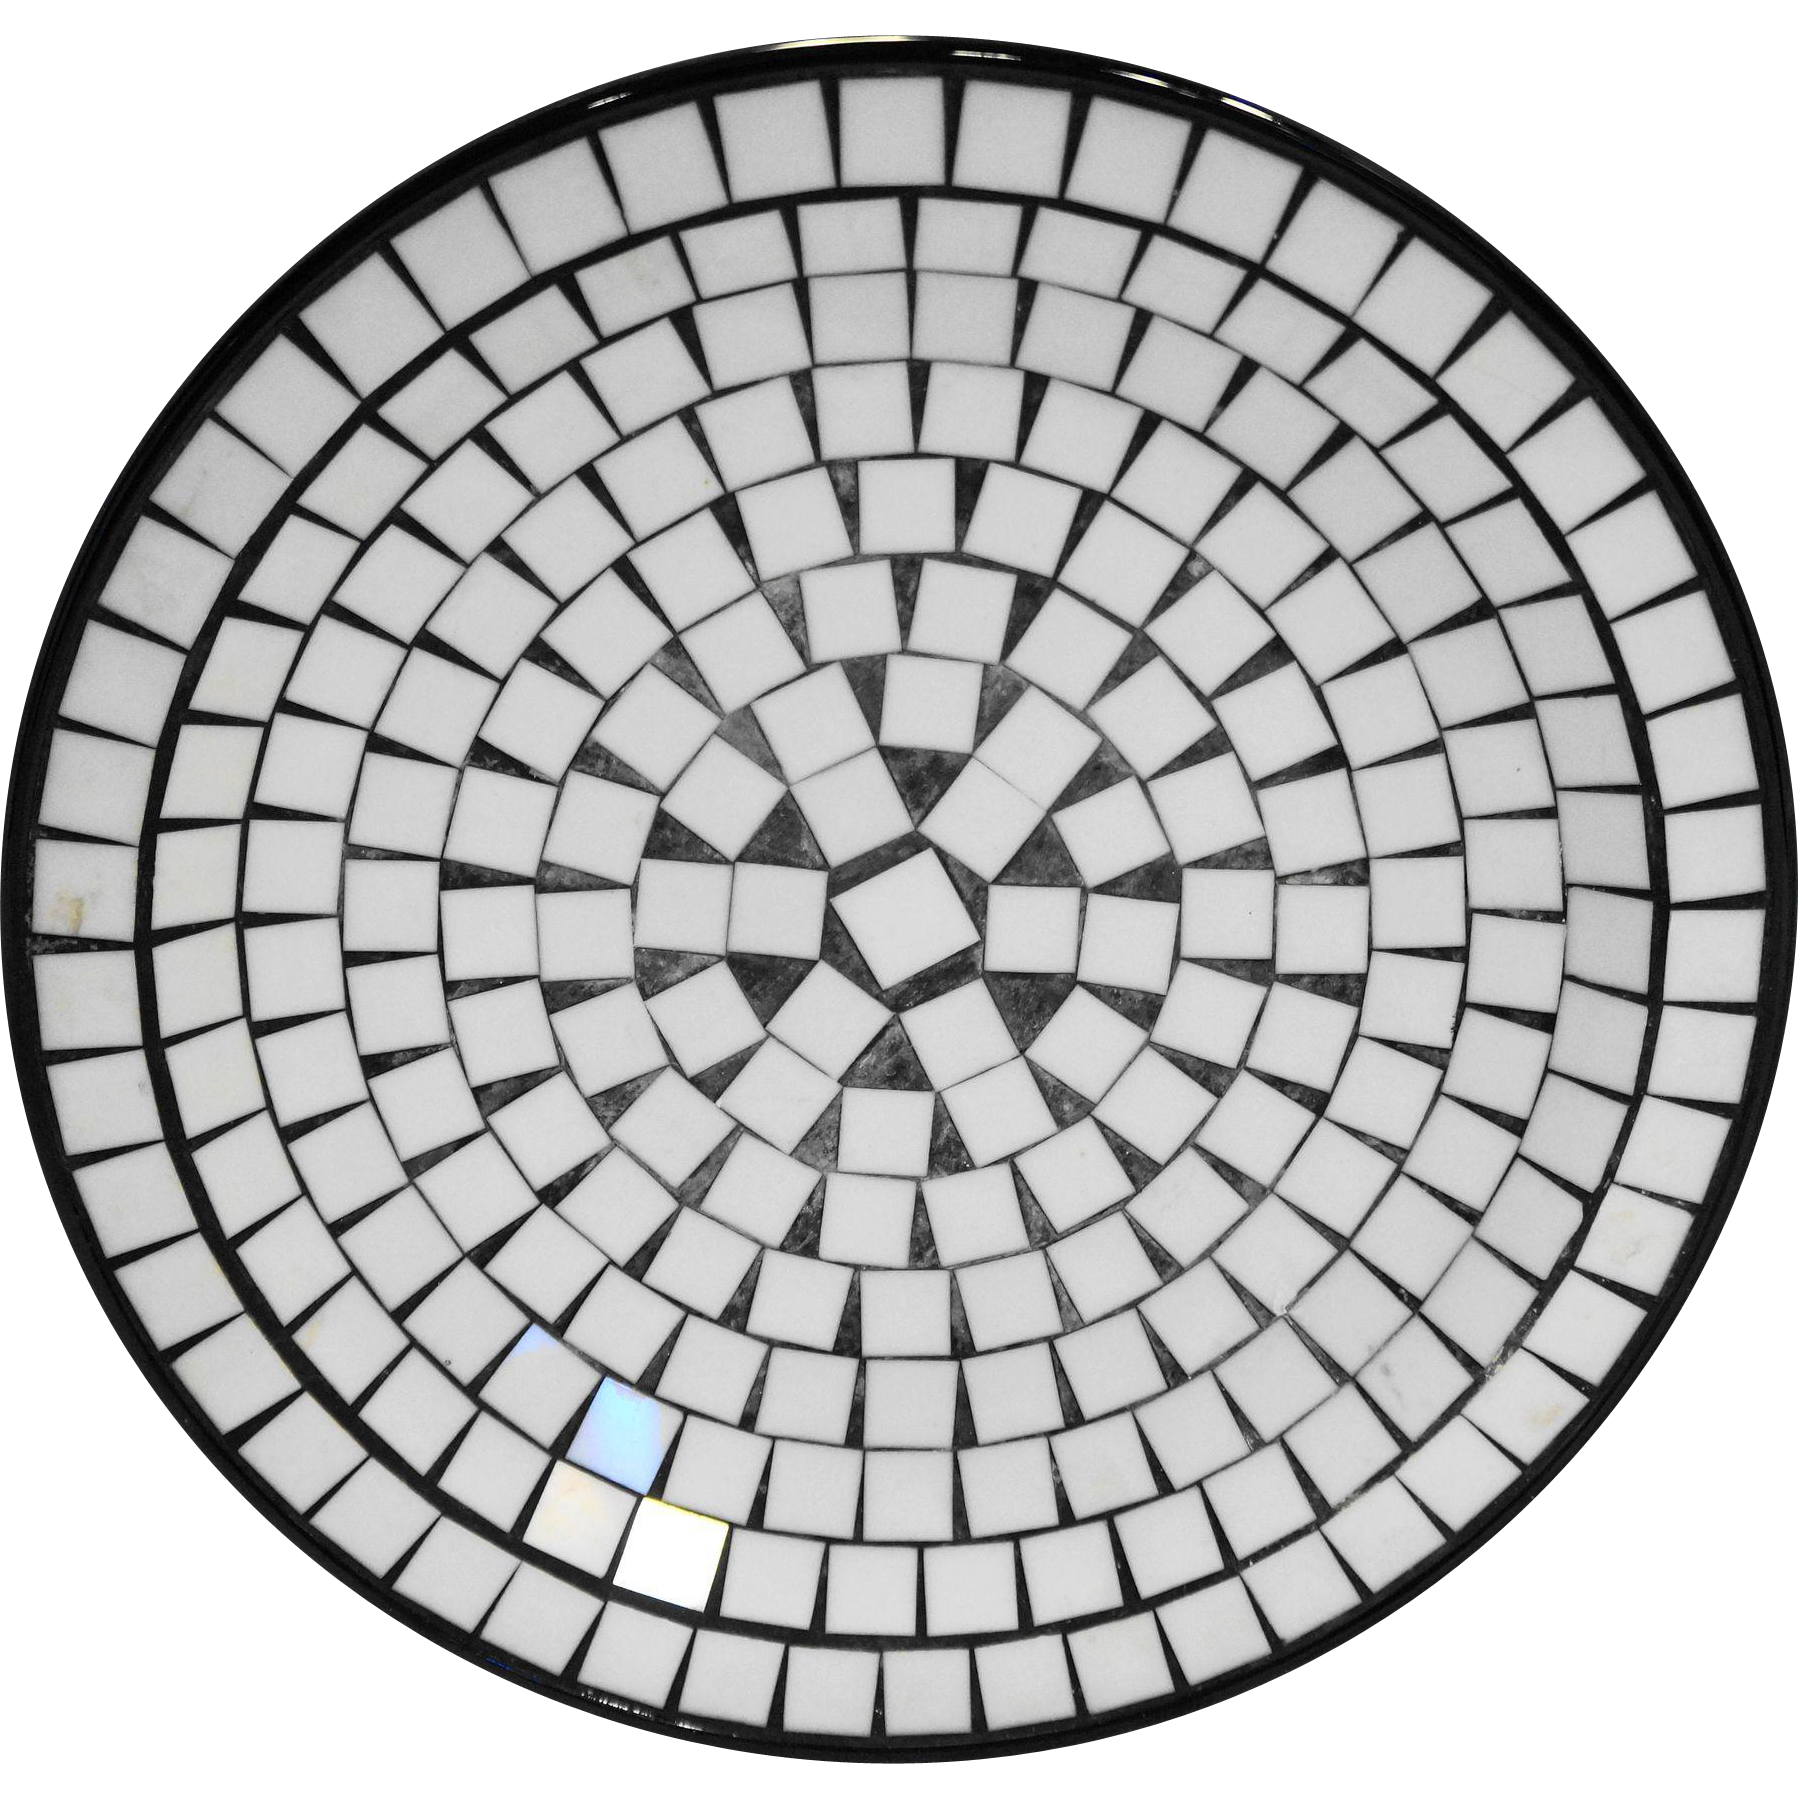 BR Denmark Mosaic Tile Dish Plate Black White Midcentury Modern 11 IN